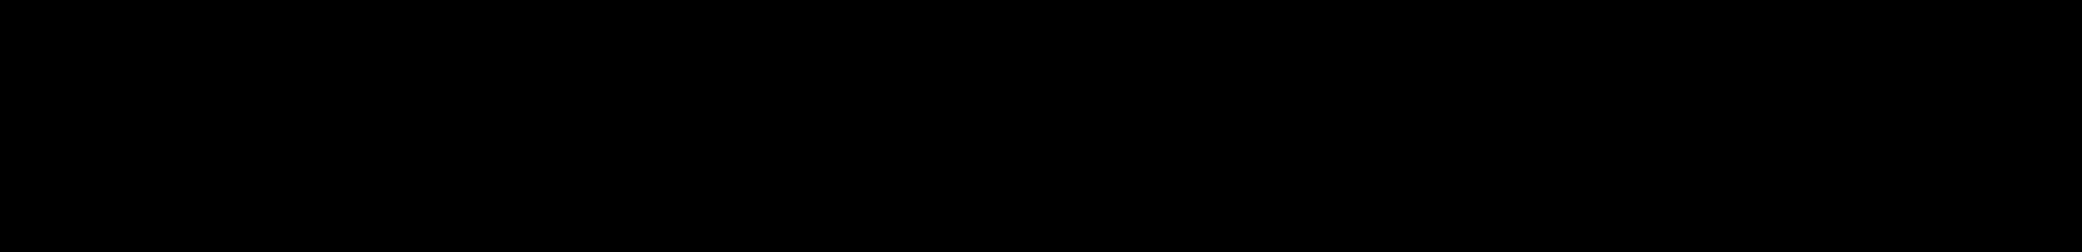 Pumpkinseed Black Oblique